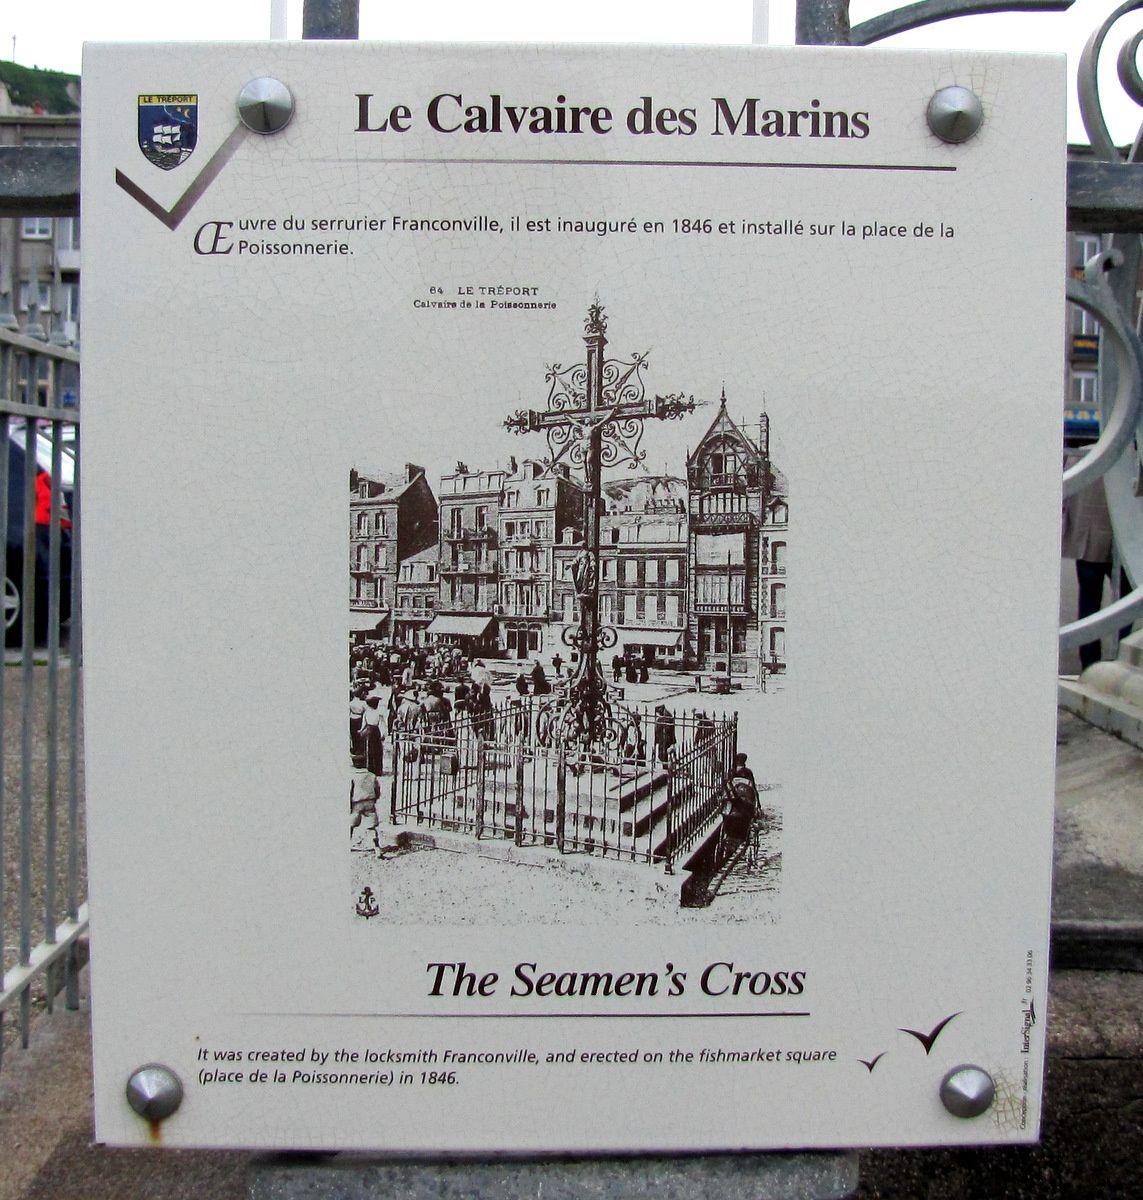 Le Calvaire des Marins, Le Tréport